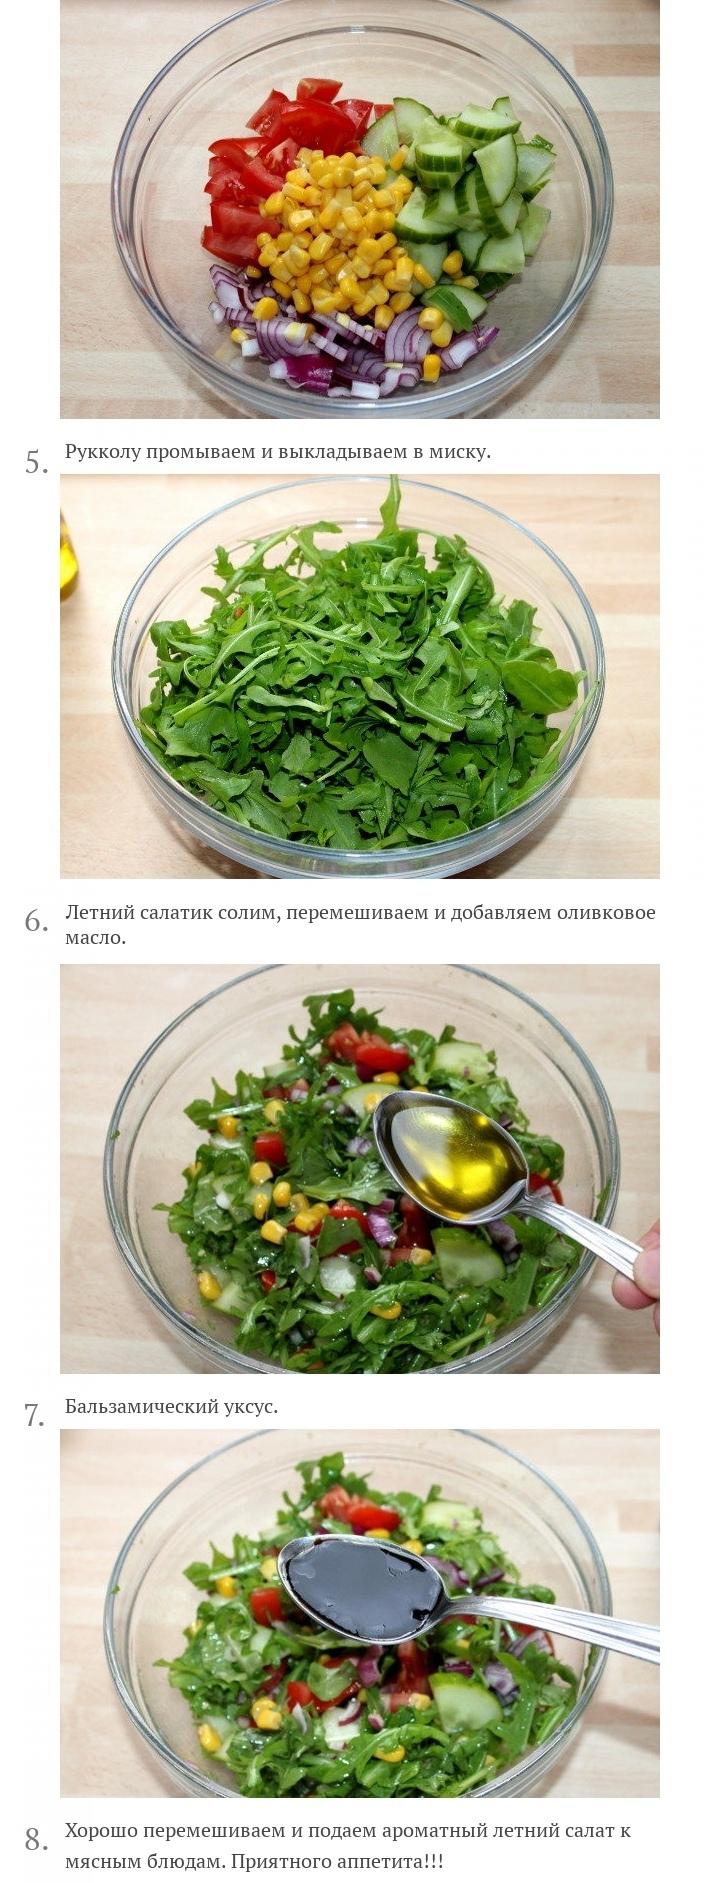 Салат с рукколой и бальзамическим уксусом, изображение №3